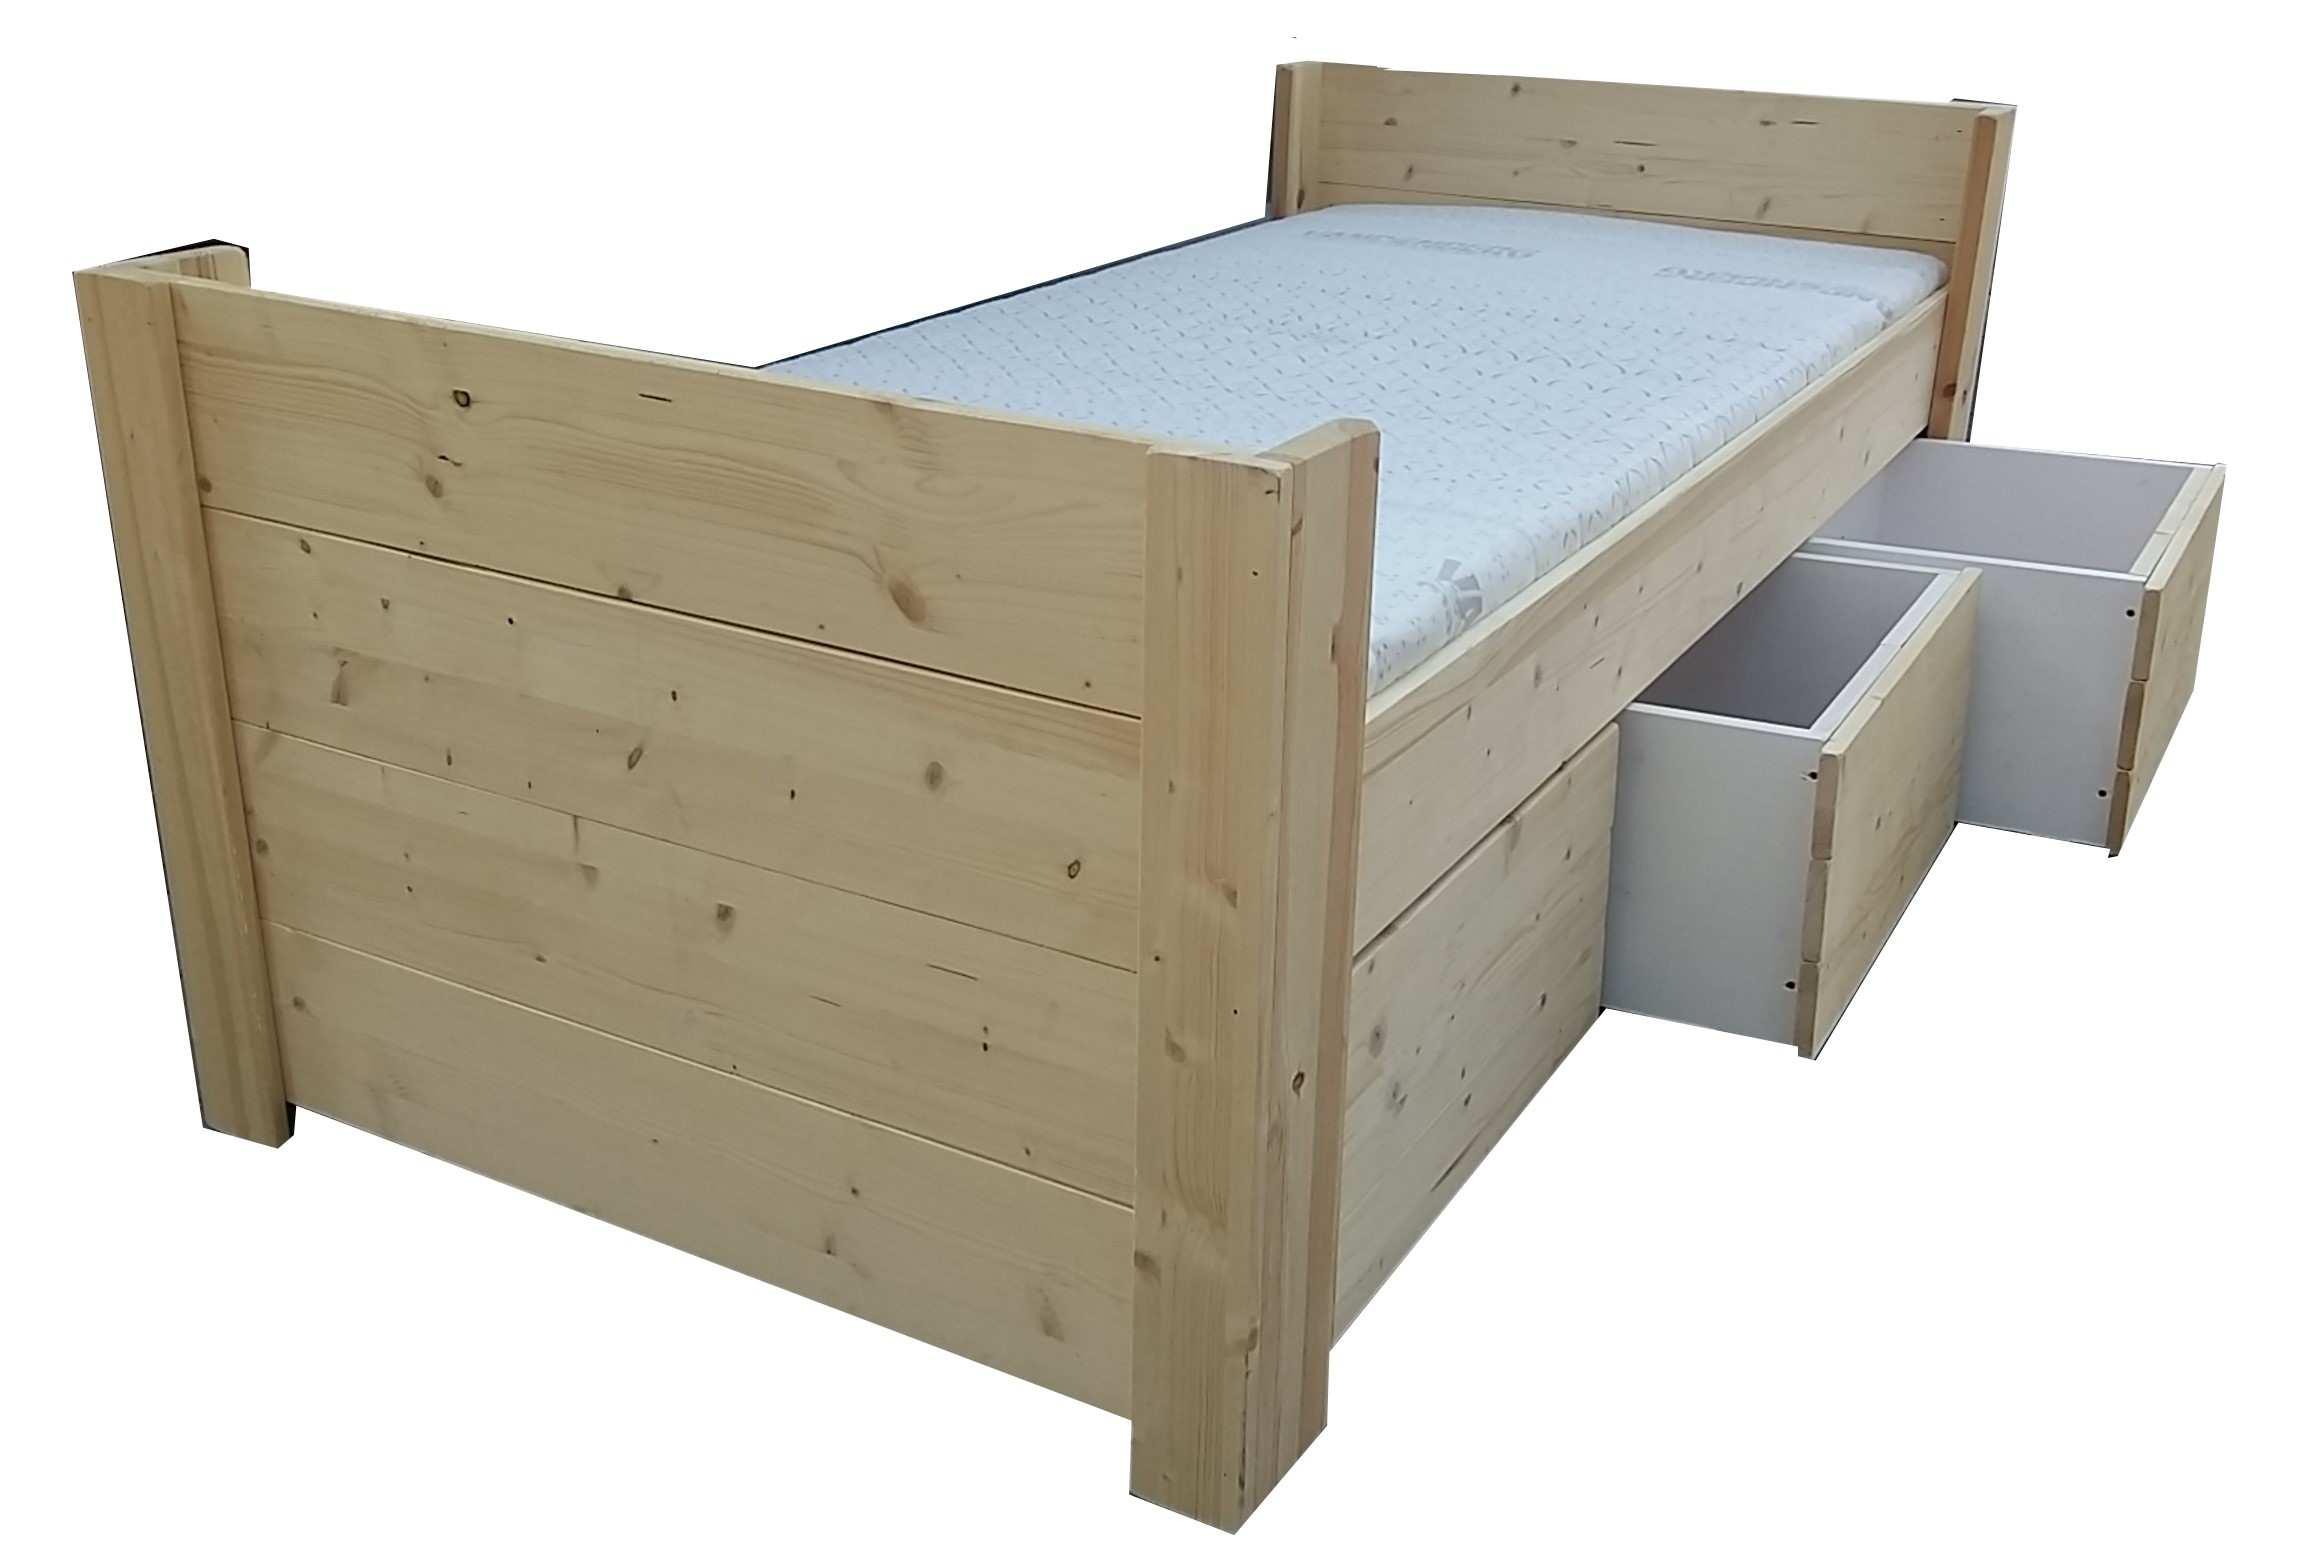 Bed 140x200 Hout.Bed Met Laden Bedden Met Laden Massief Hout Houten Bedden Met Laden